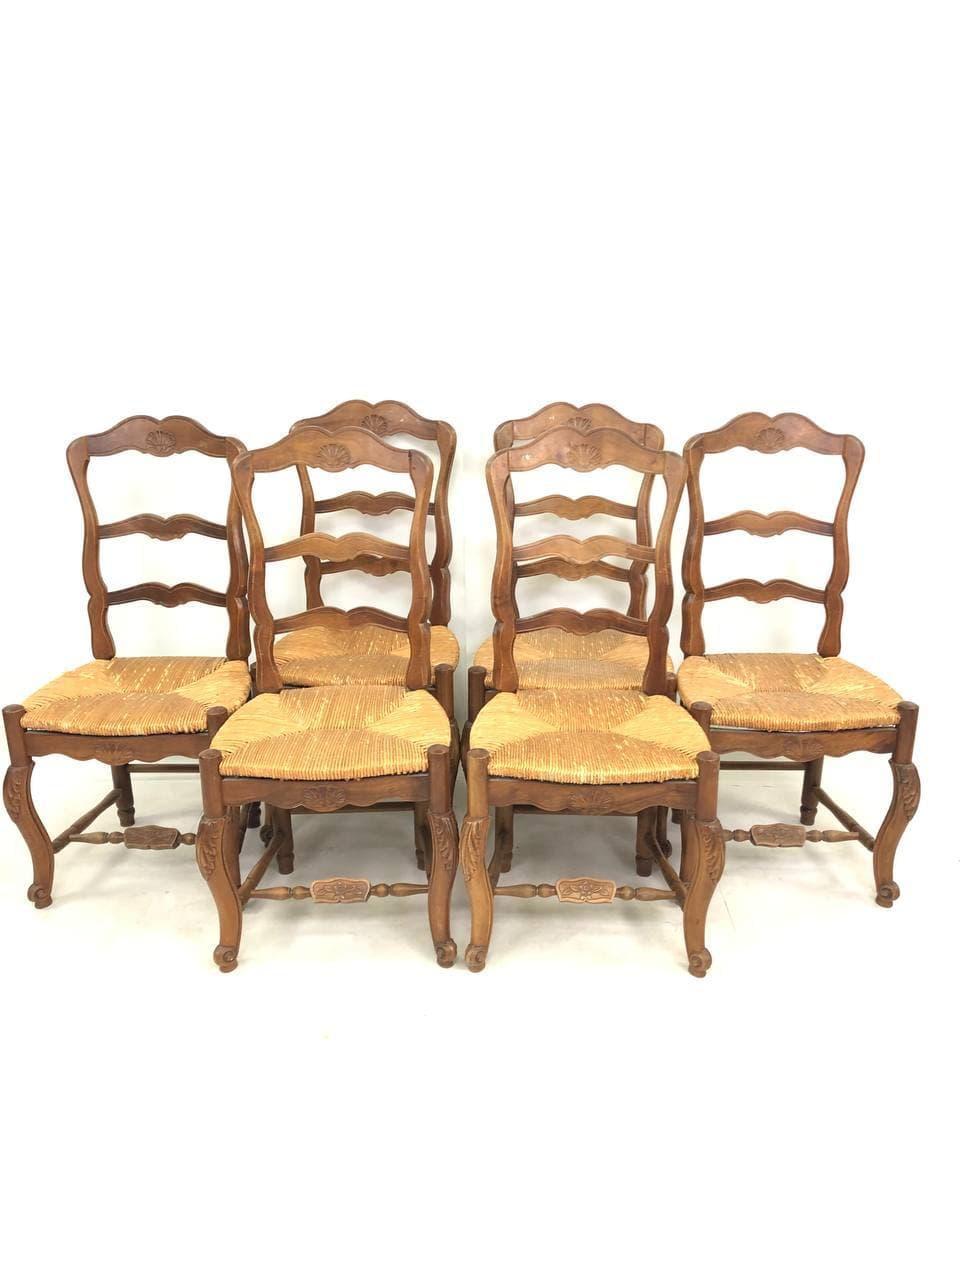 Антикварные стулья в стиле Прованс 20170311003У